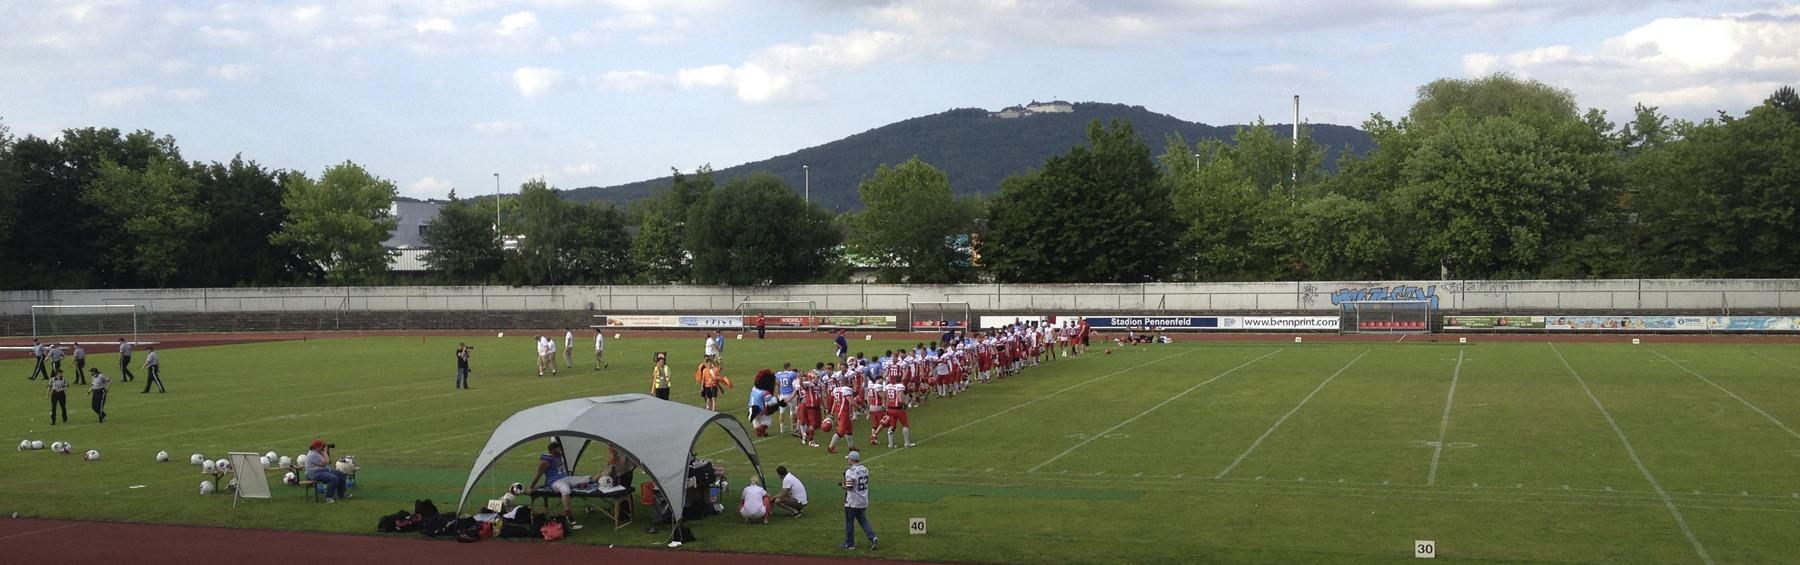 Nach dem Spiel klatschen sich die Mannschaften ab. ©HerrundFrauBayer